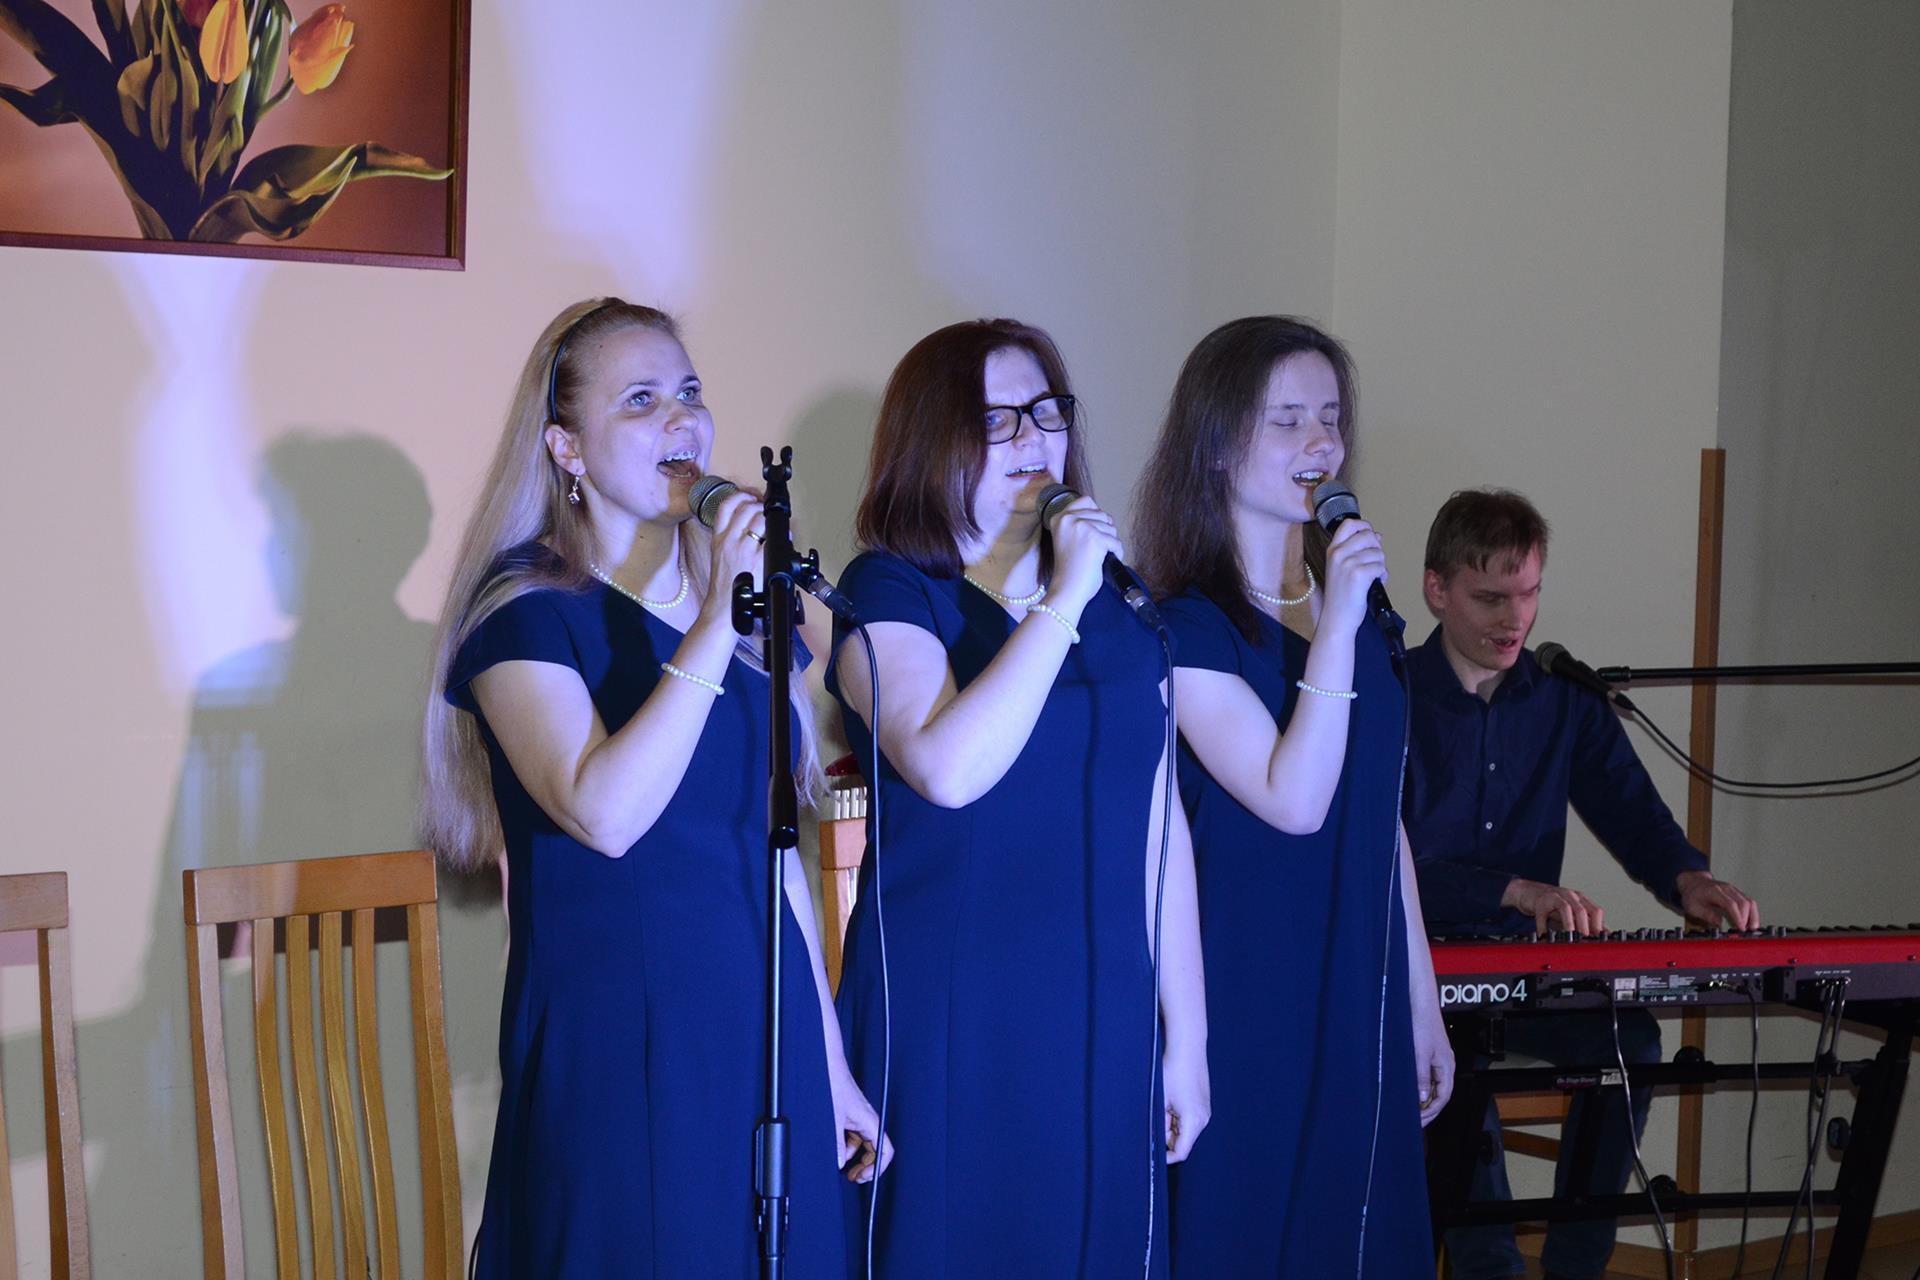 Trzy  kobiety śpiewają, towarzyszy im mężczyzna grający na pianinie elektrycznym.